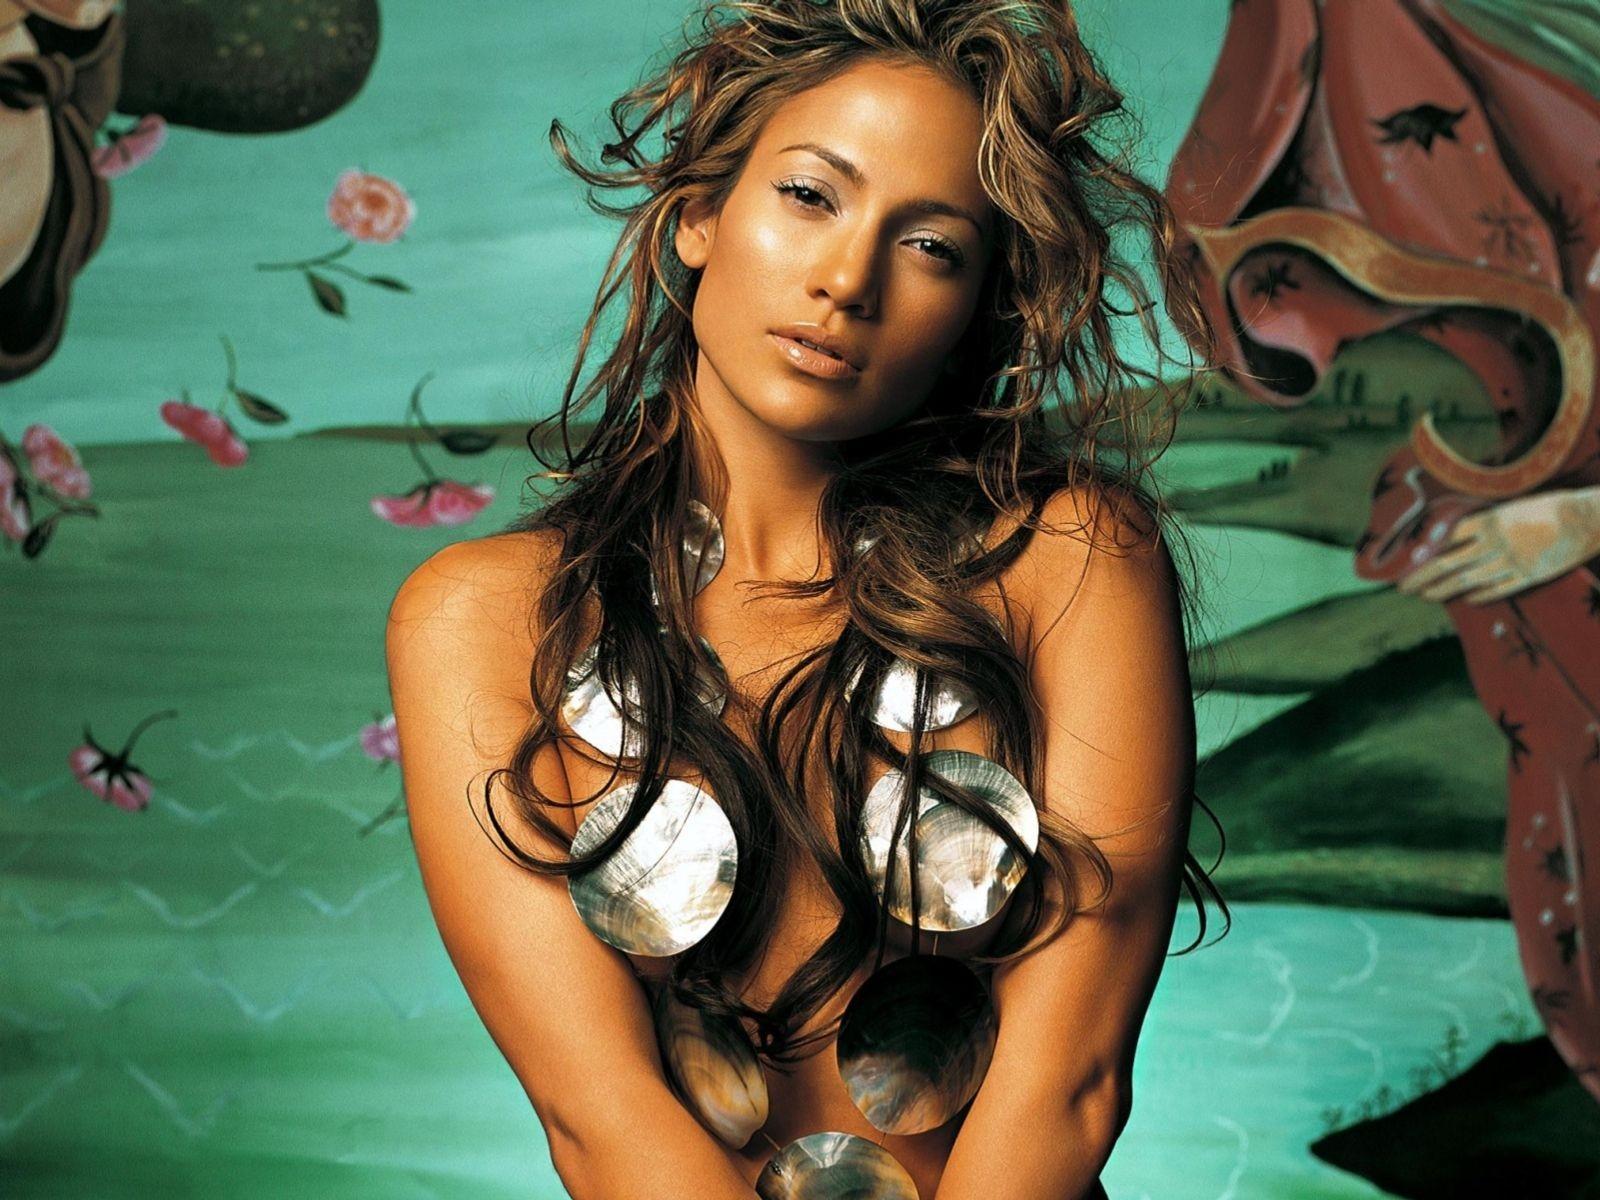 Wallpaper della cantante Jennifer Lopez